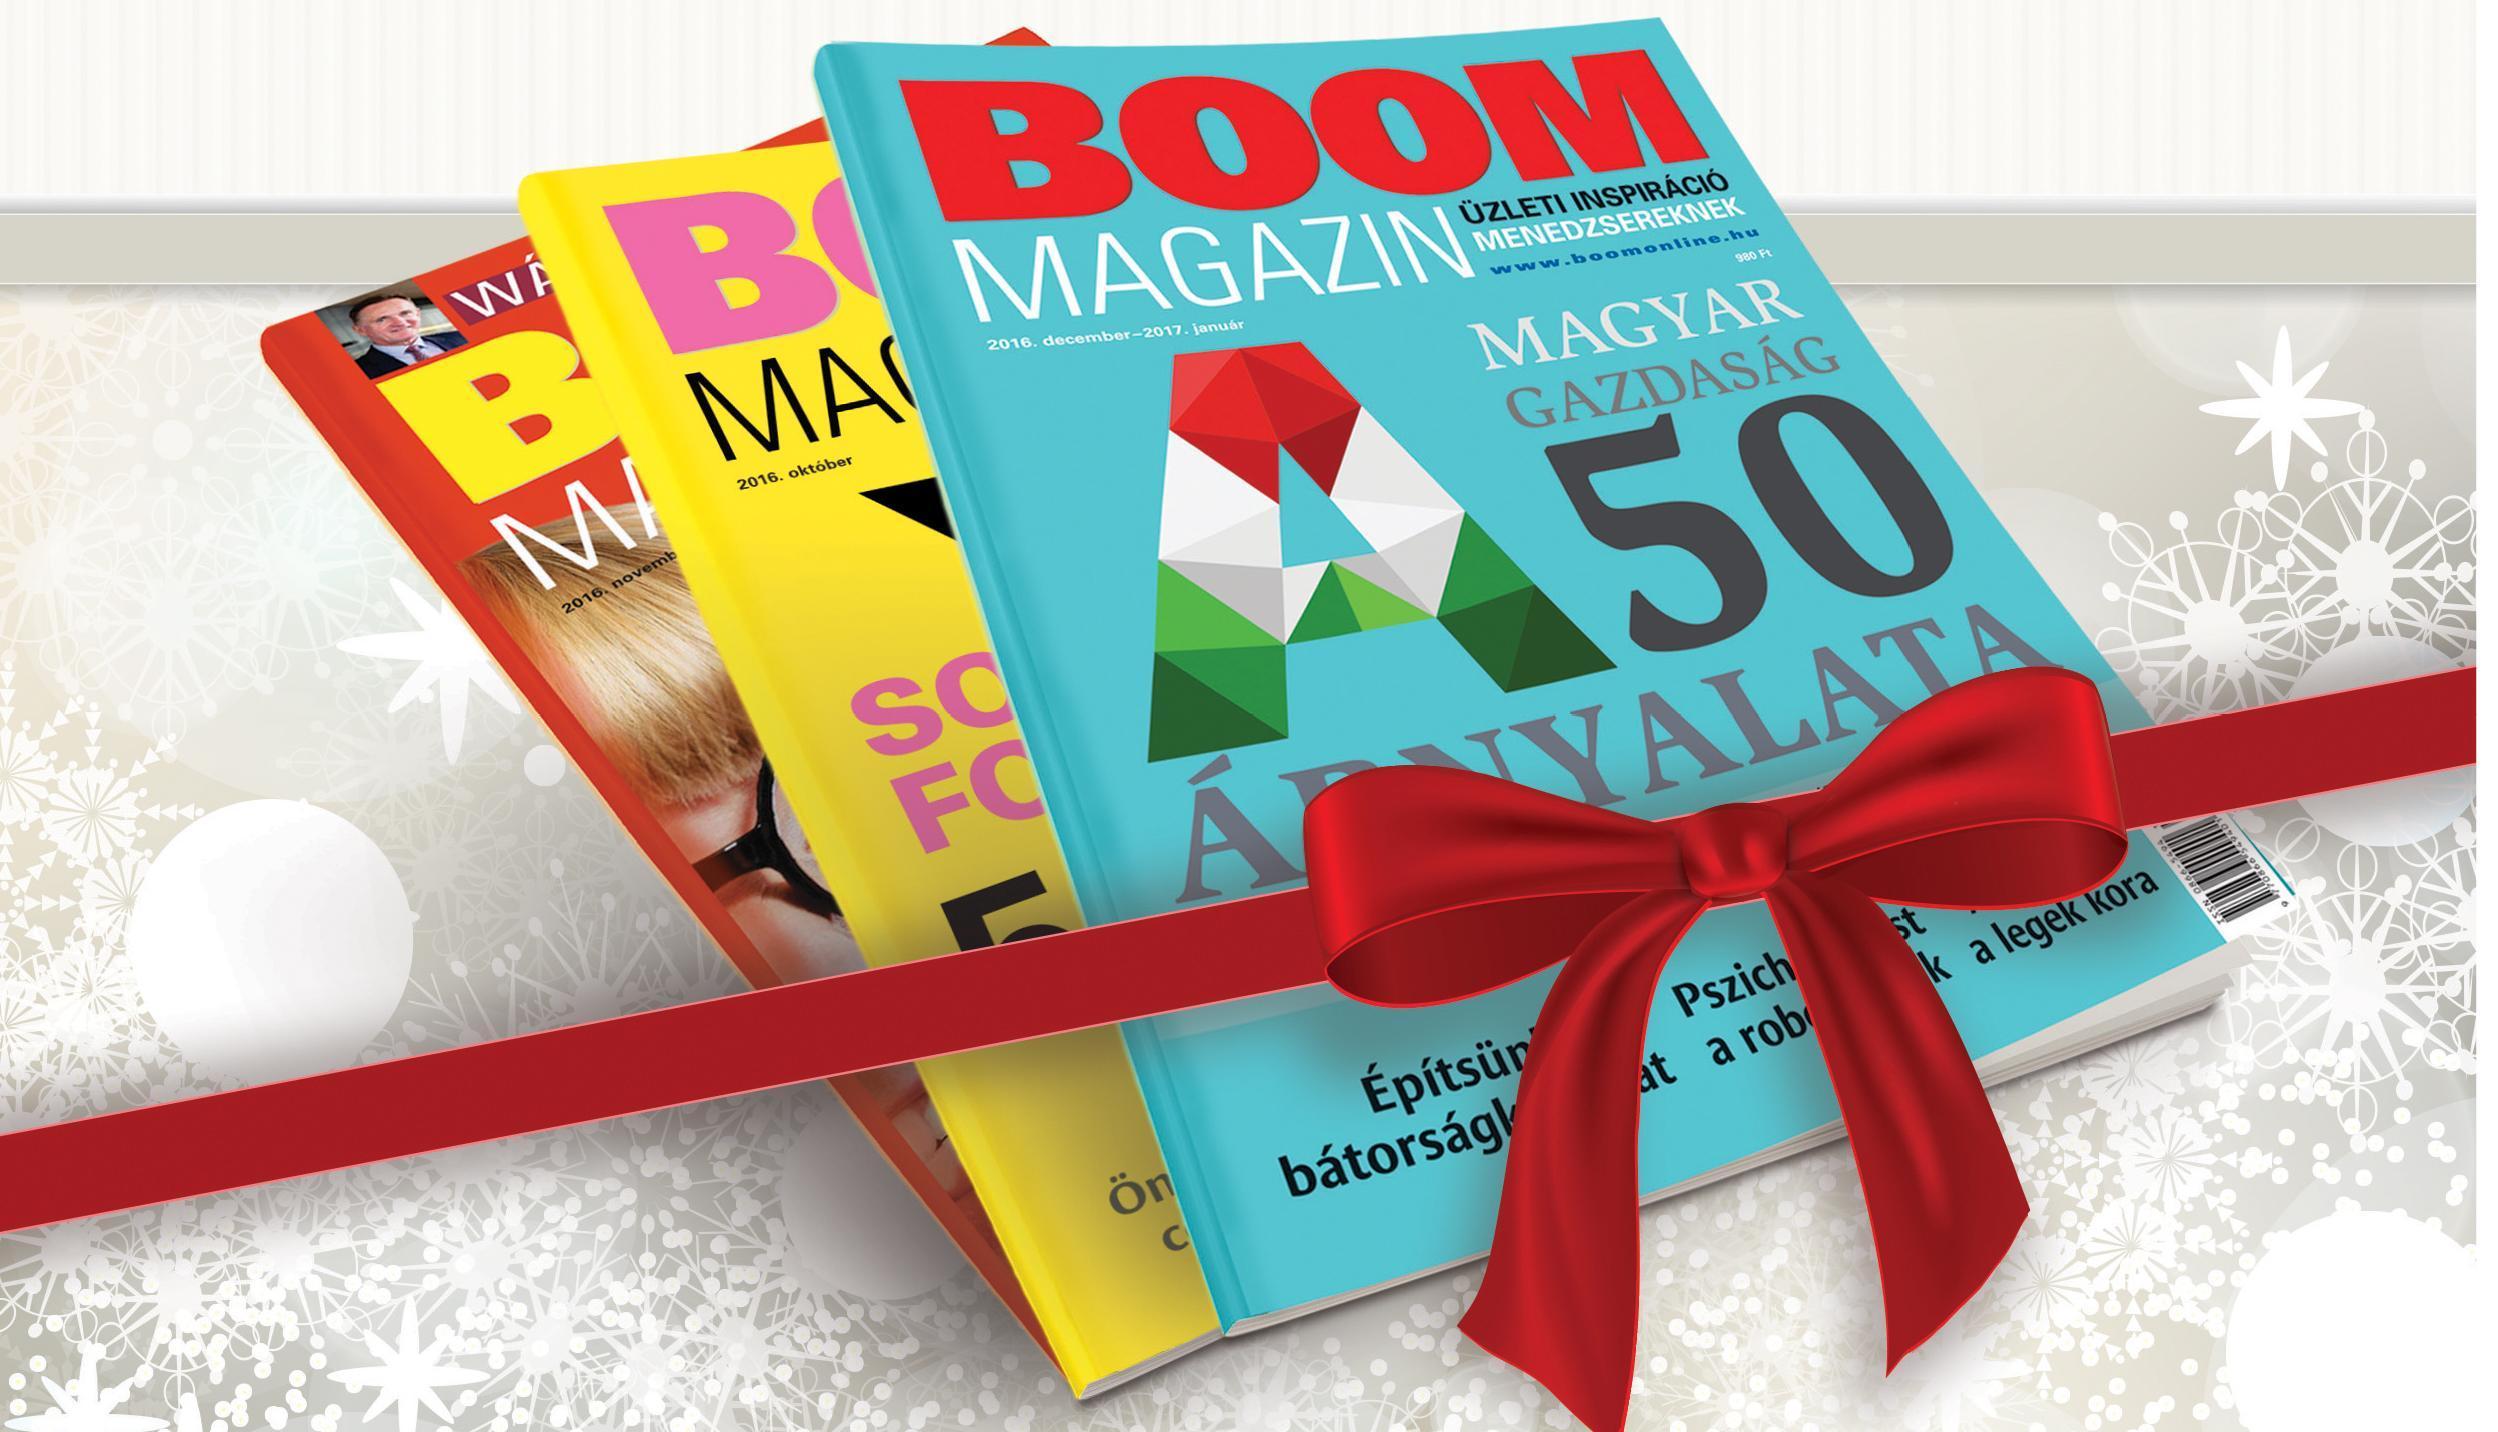 BOOM Magazint ajándékba!